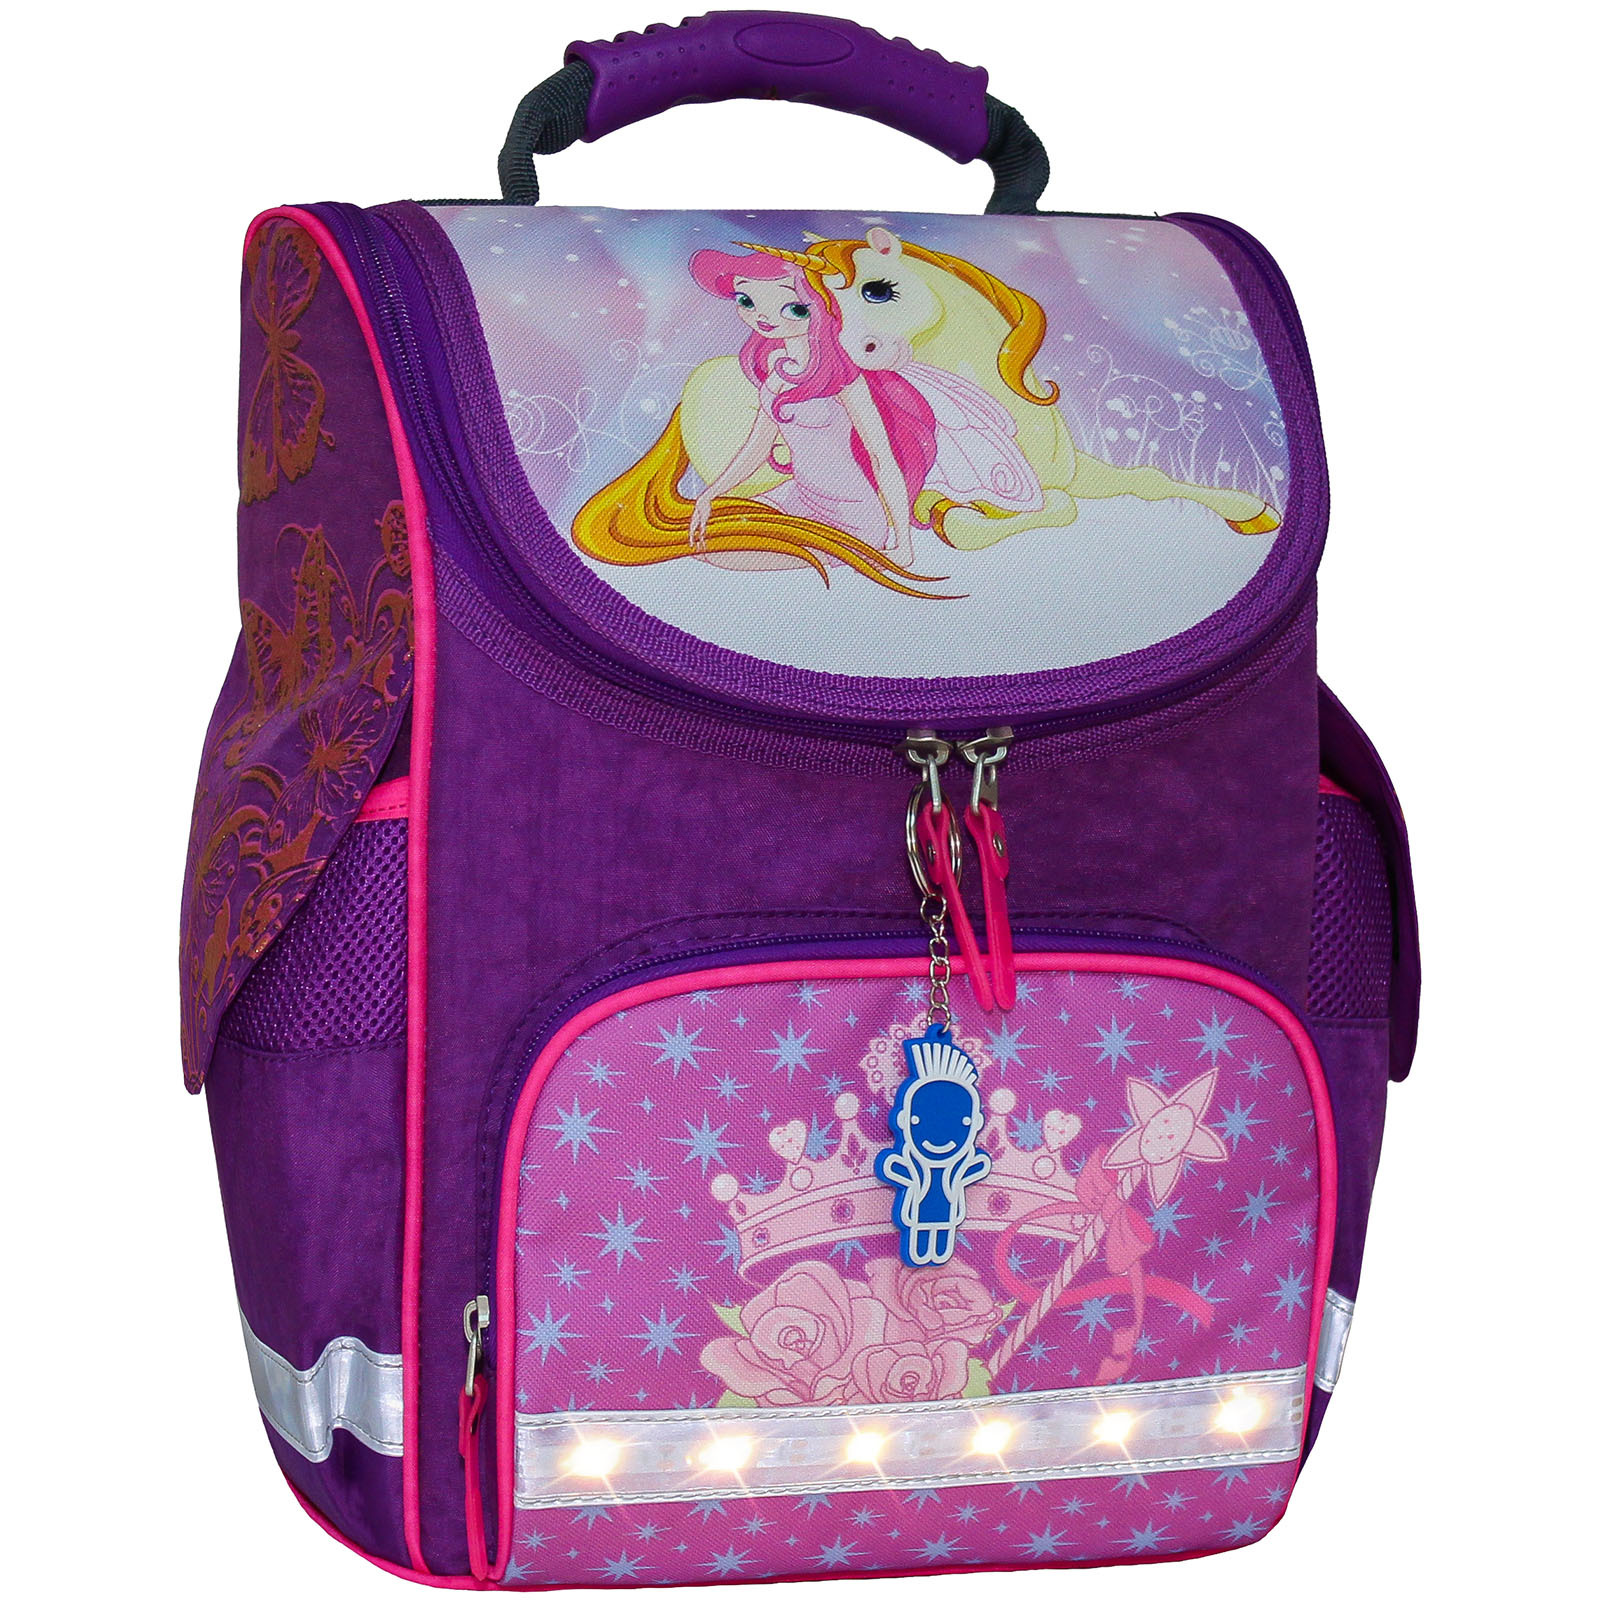 Школьные рюкзаки Рюкзак школьный каркасный с фонариками Bagland Успех 12 л. фиолетовый 387 (00551703) IMG_7214_арт387_блеск.jpg